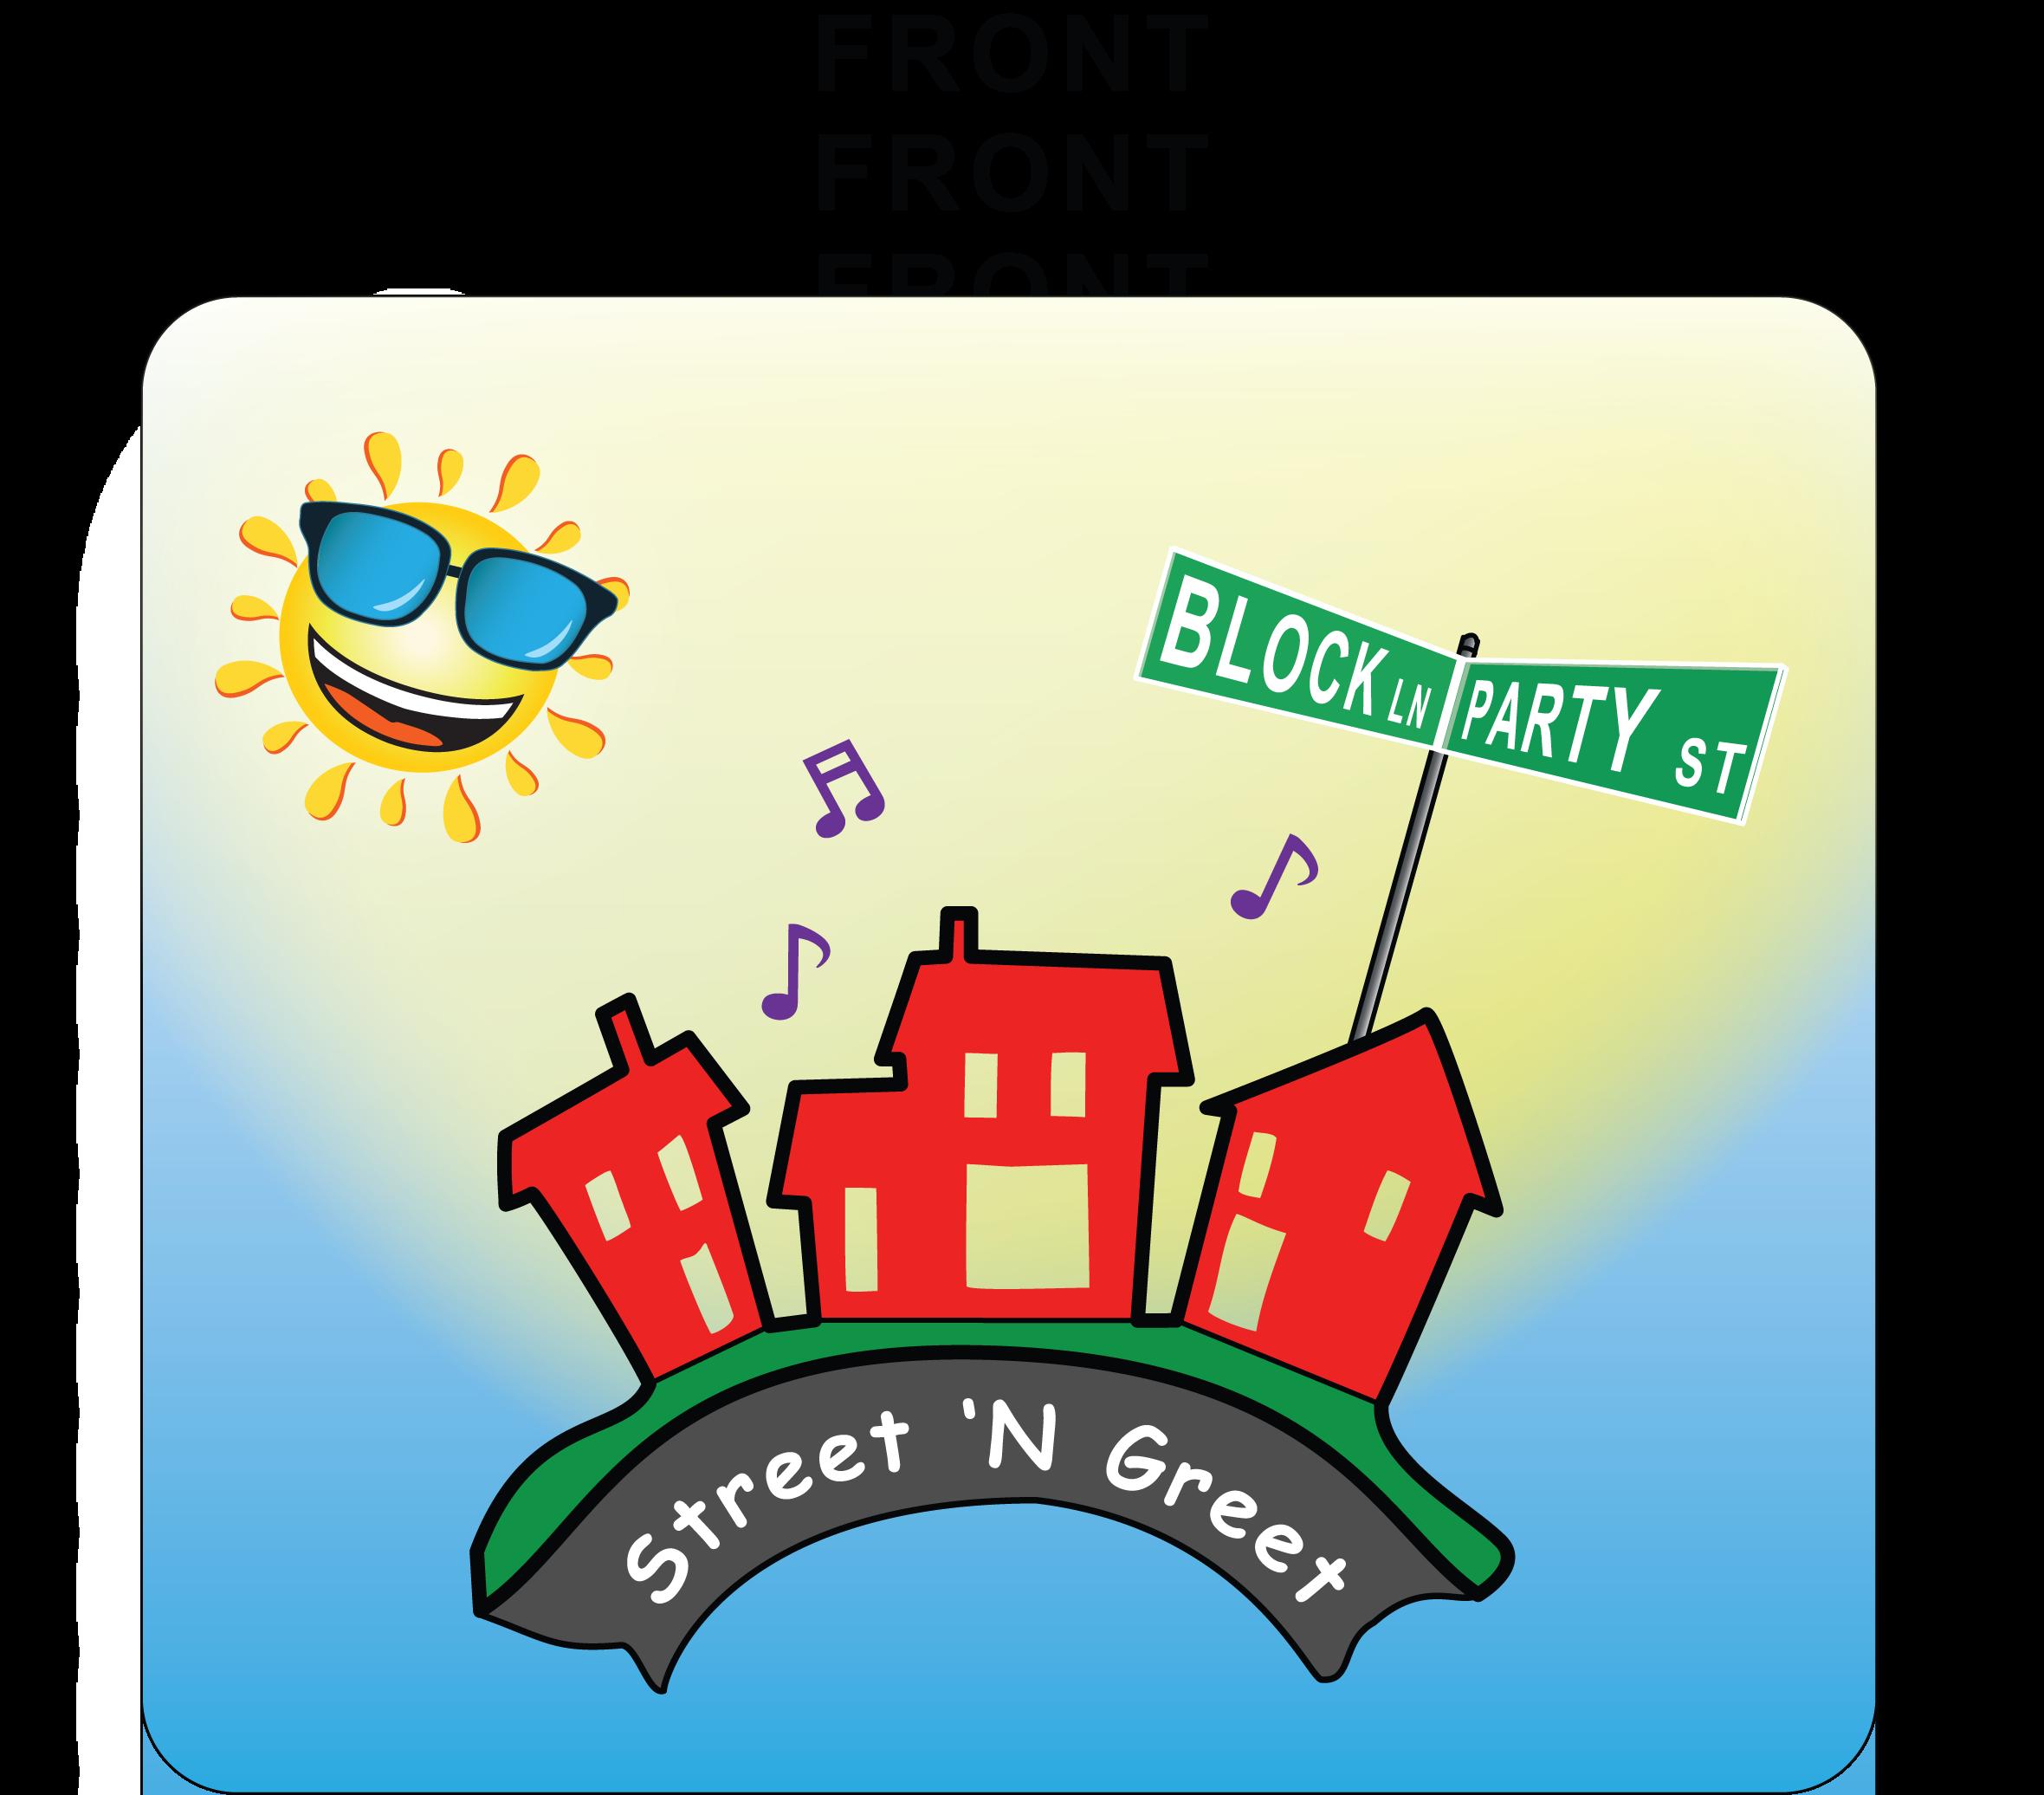 Street N Greet